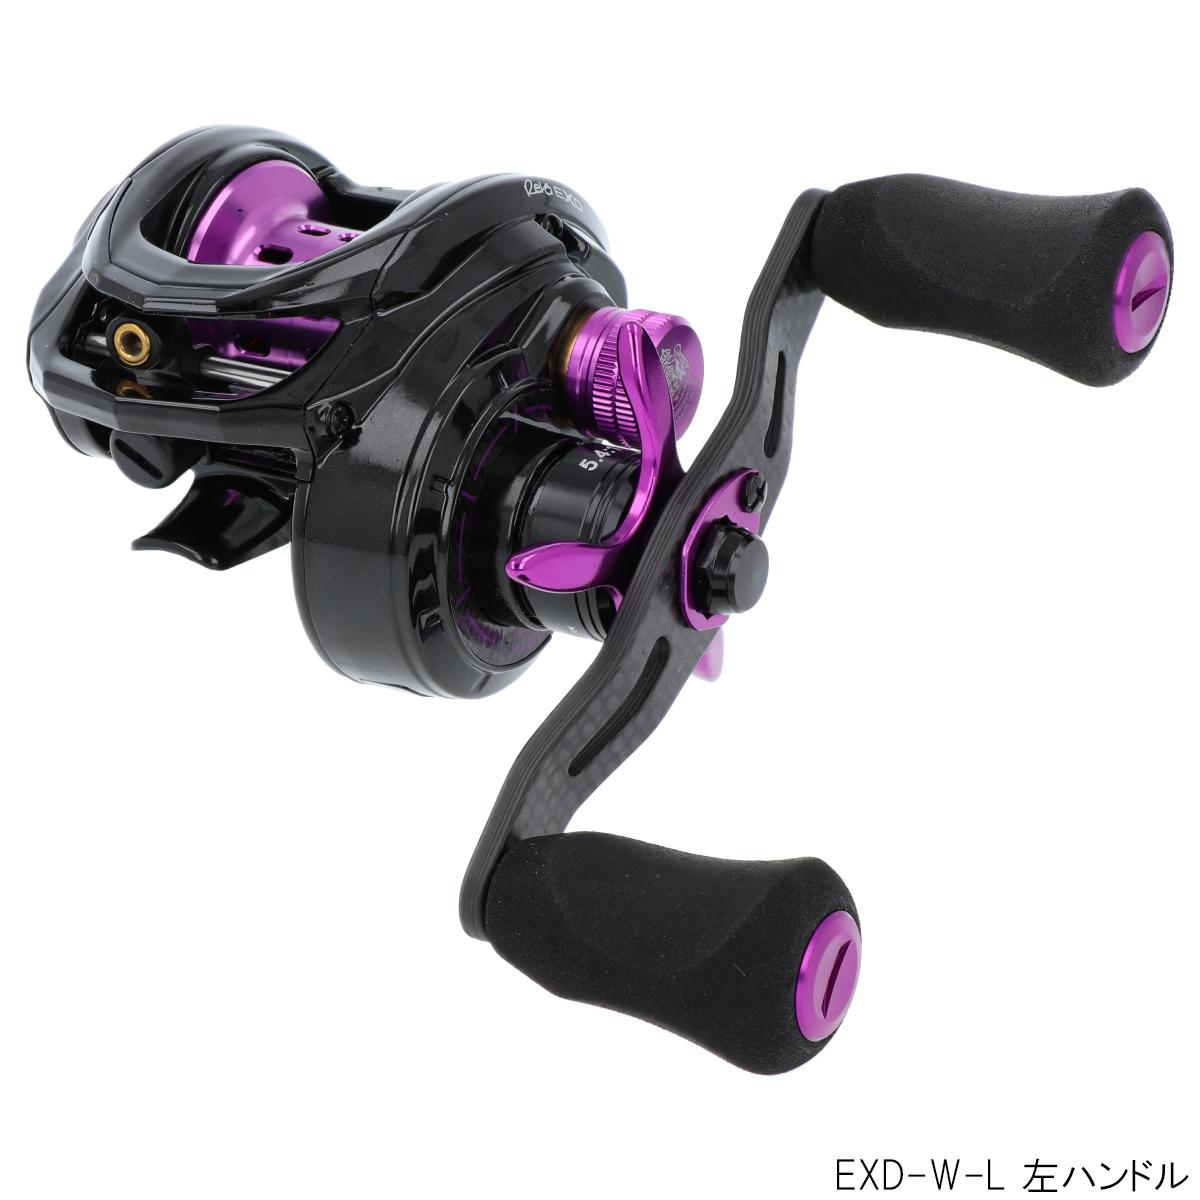 【5/10最大P45倍!】レボ EXD-W-L 左ハンドル(東日本店)